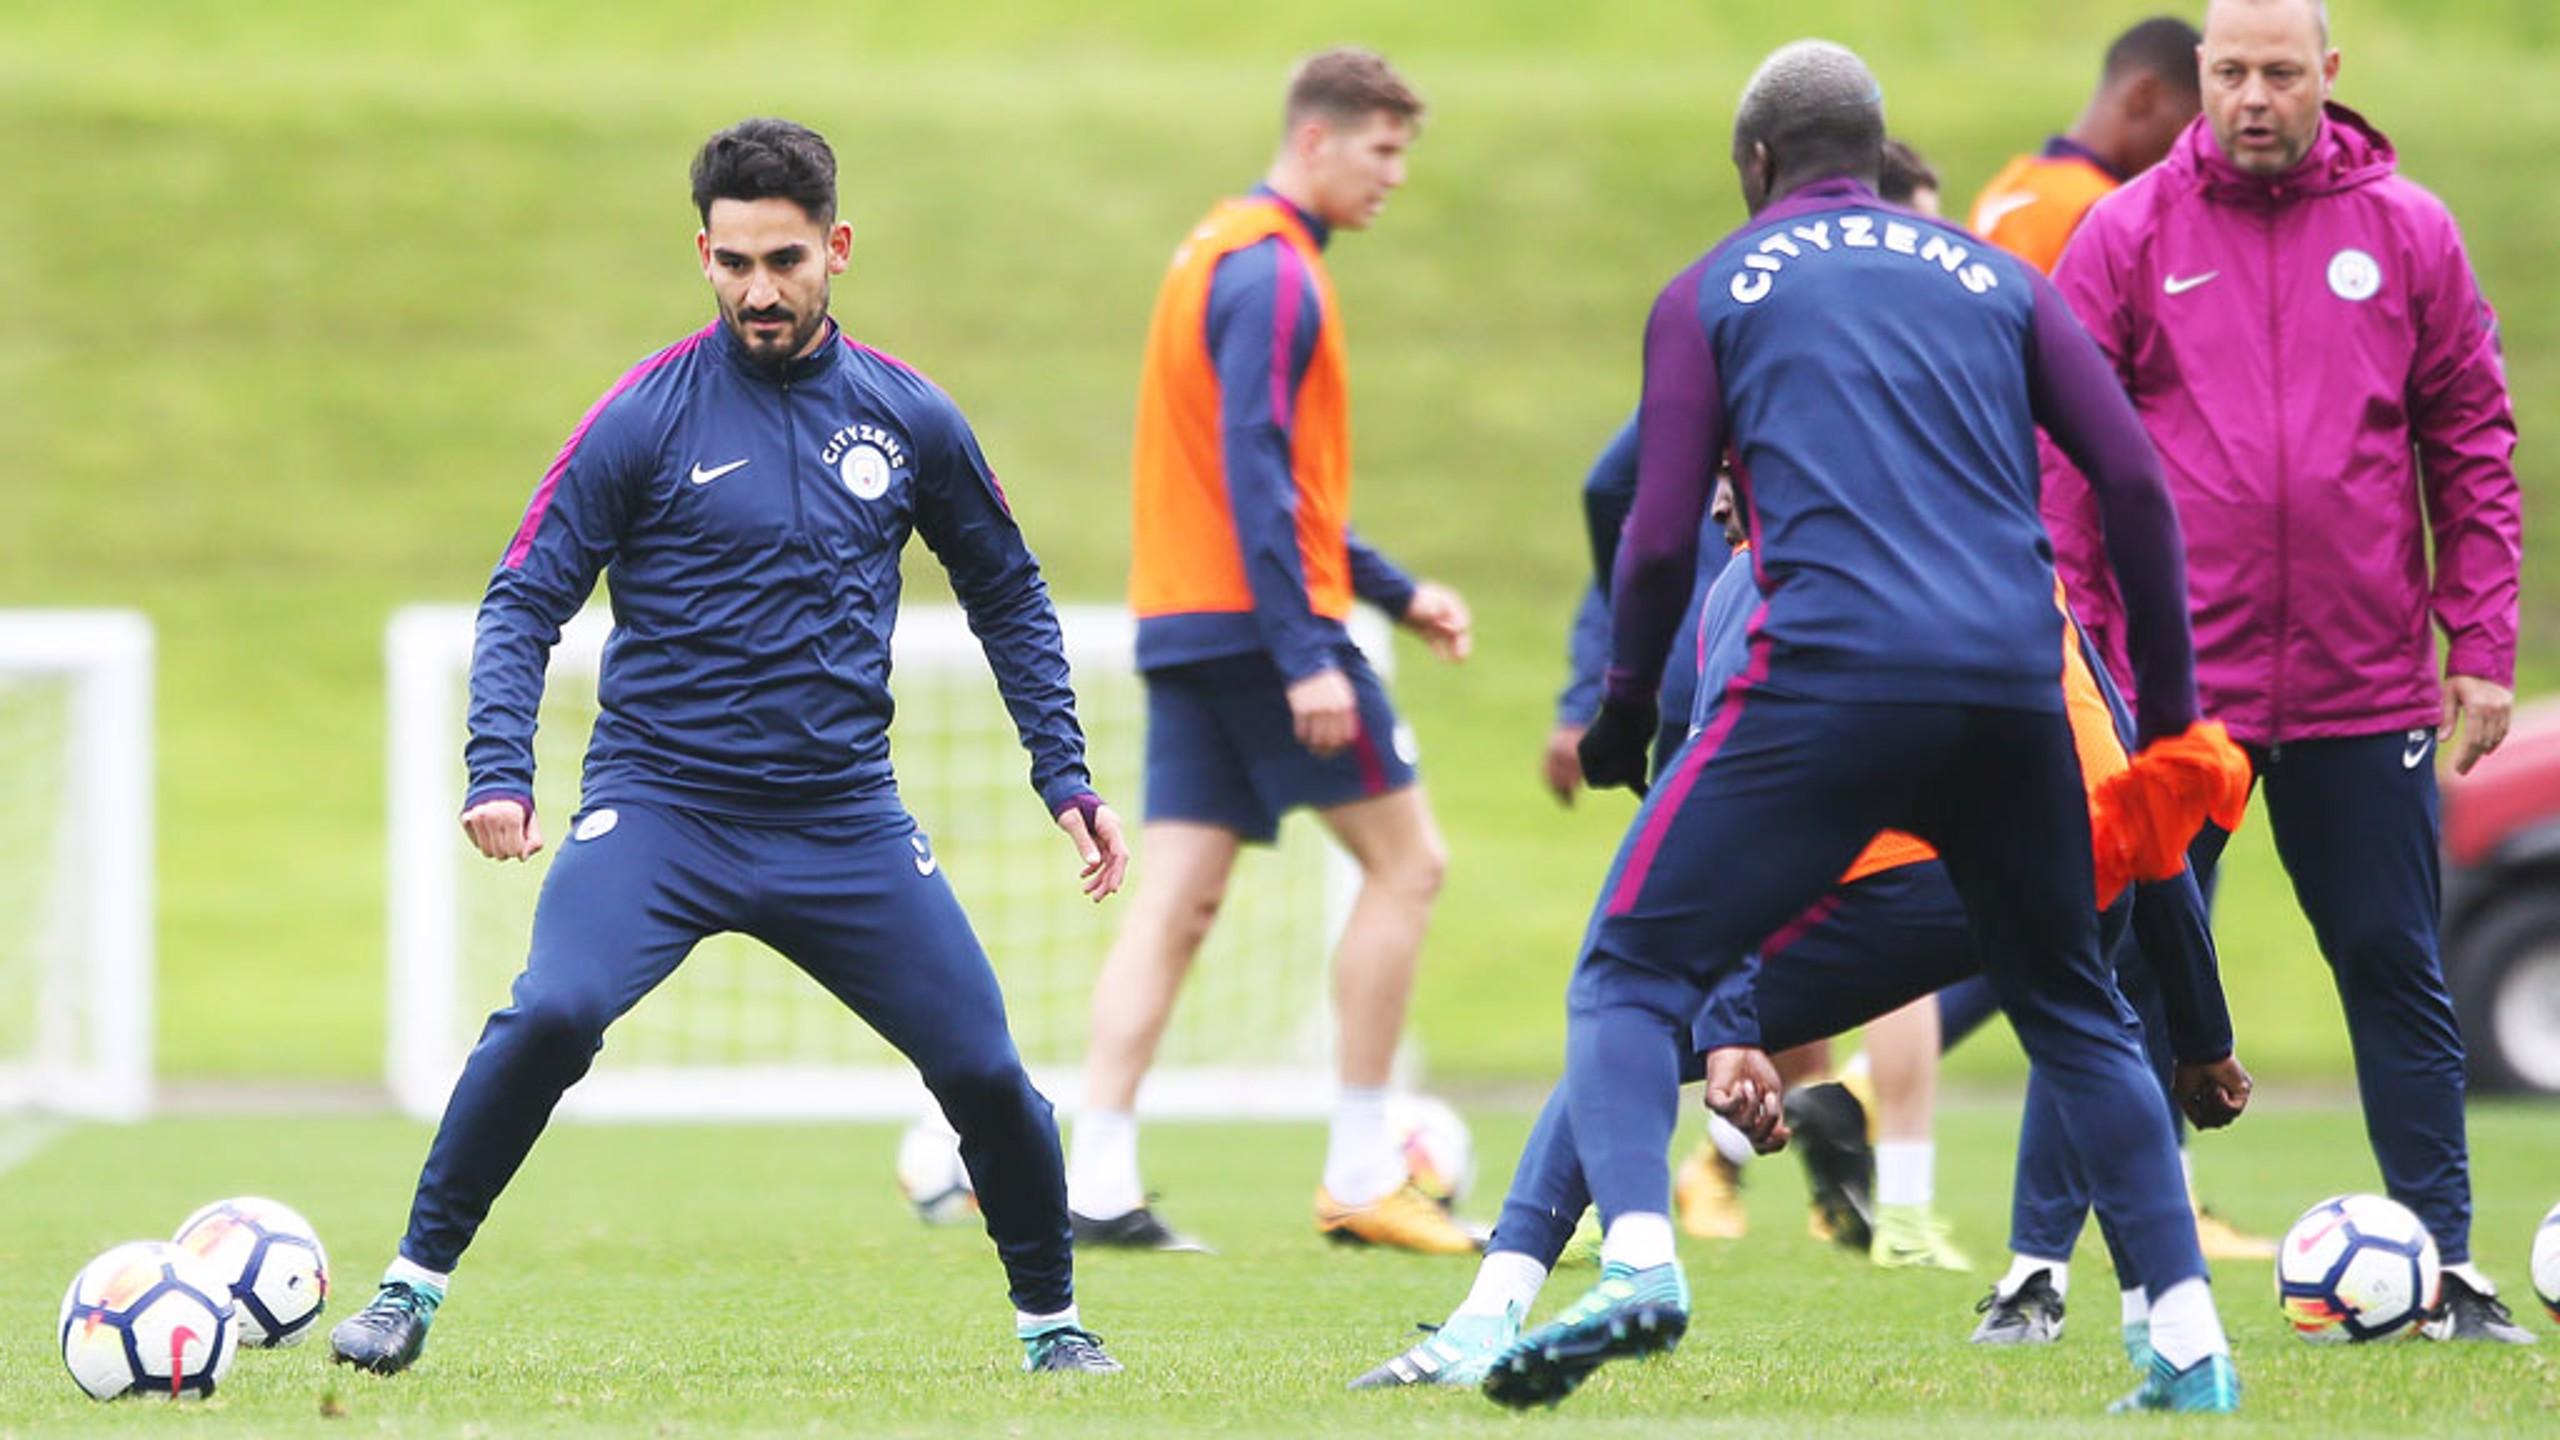 FOKUS: Ilkay Gundogan membidik bola